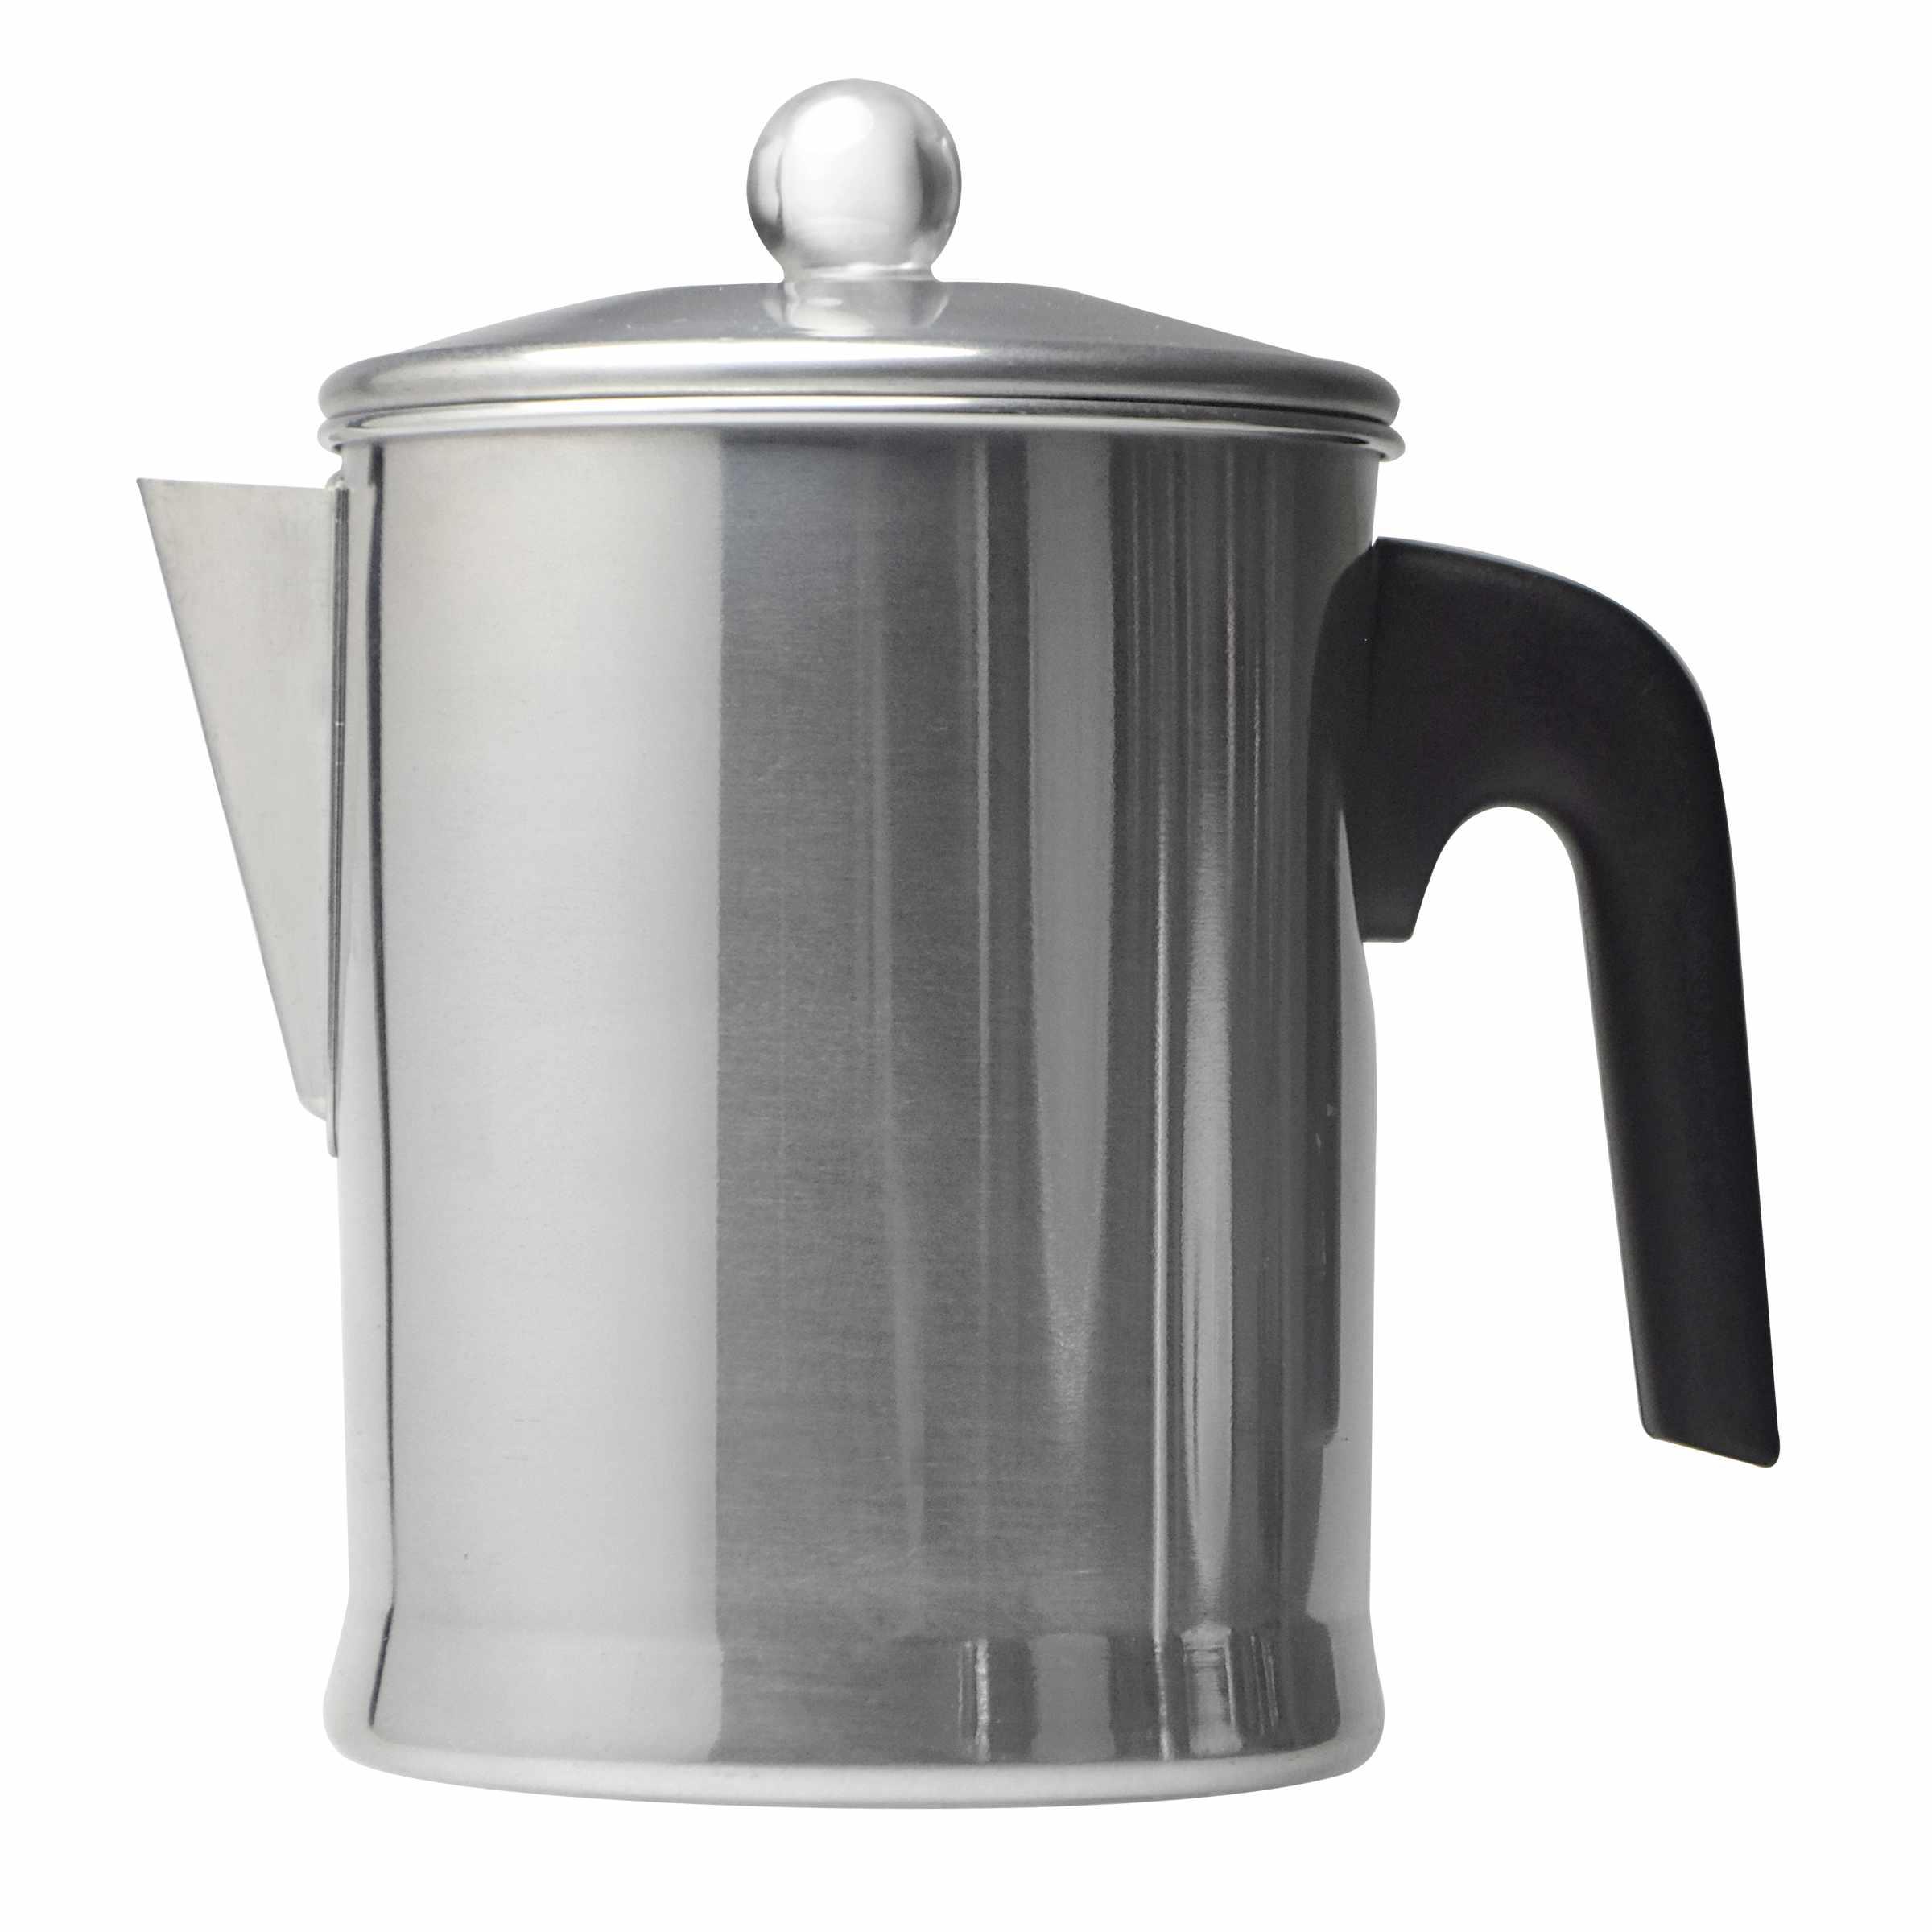 Primula 9-Cup Coffee Percolator